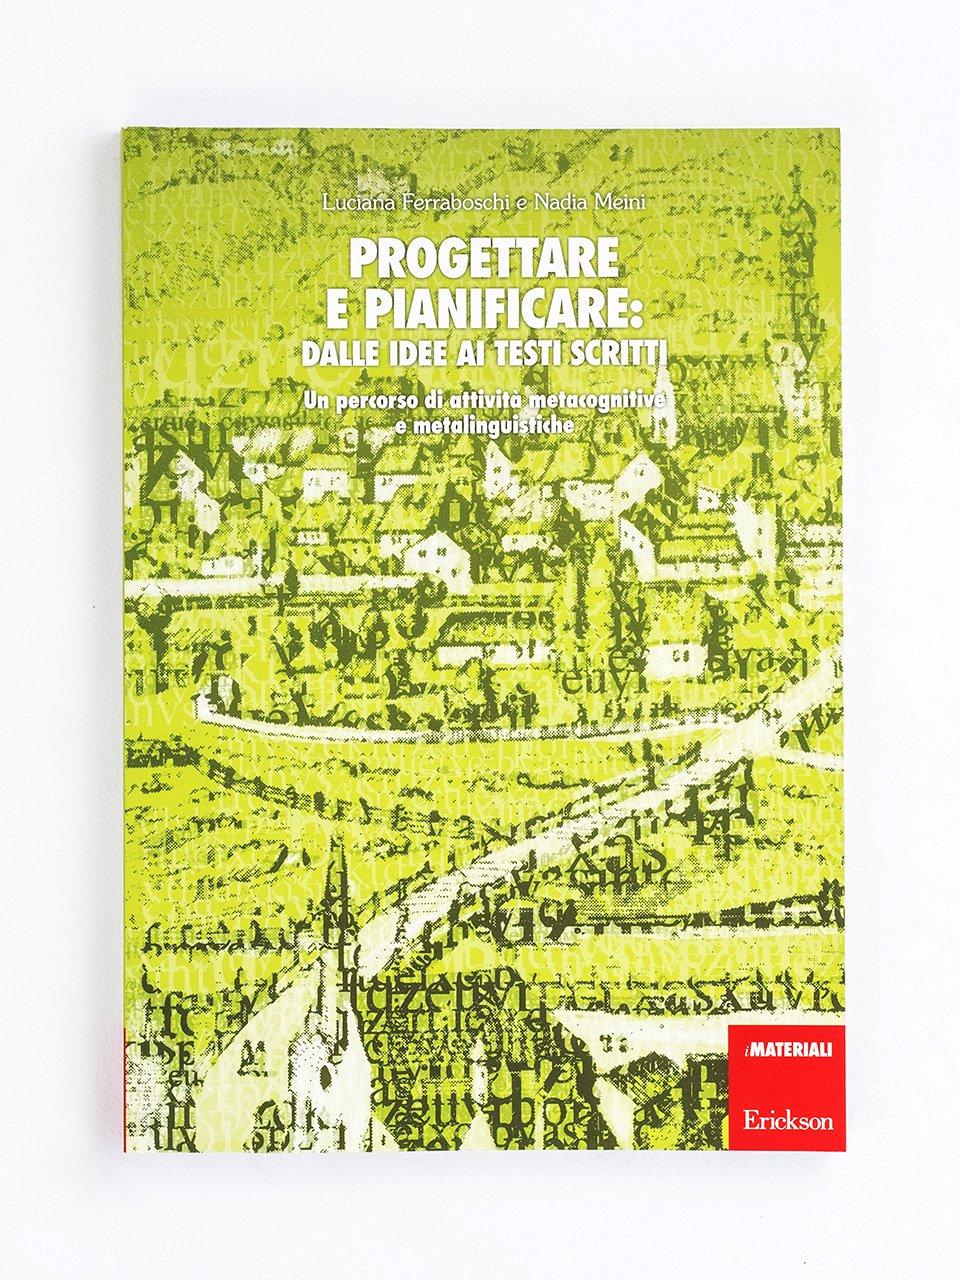 Progettare e pianificare: dalle idee ai testi scritti - A scuola di creatività - Libri - Erickson